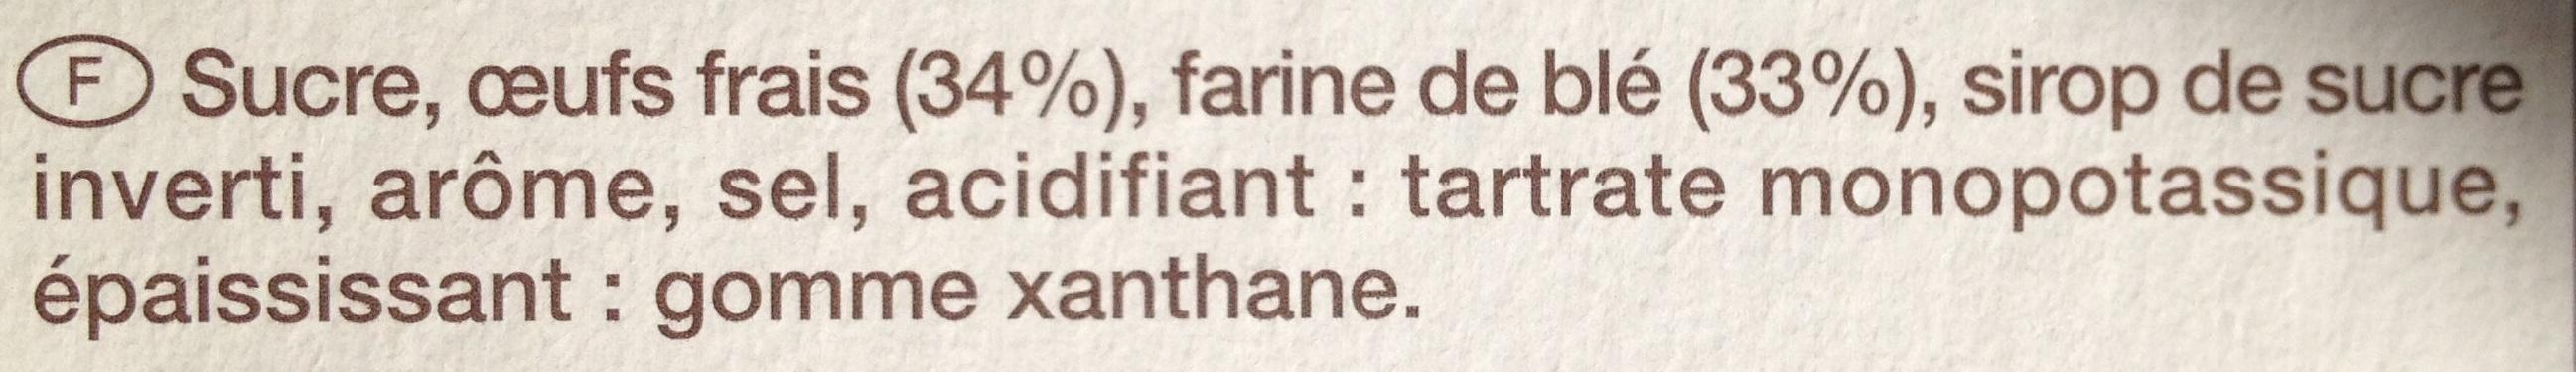 Cuillers - Ingrédients - fr